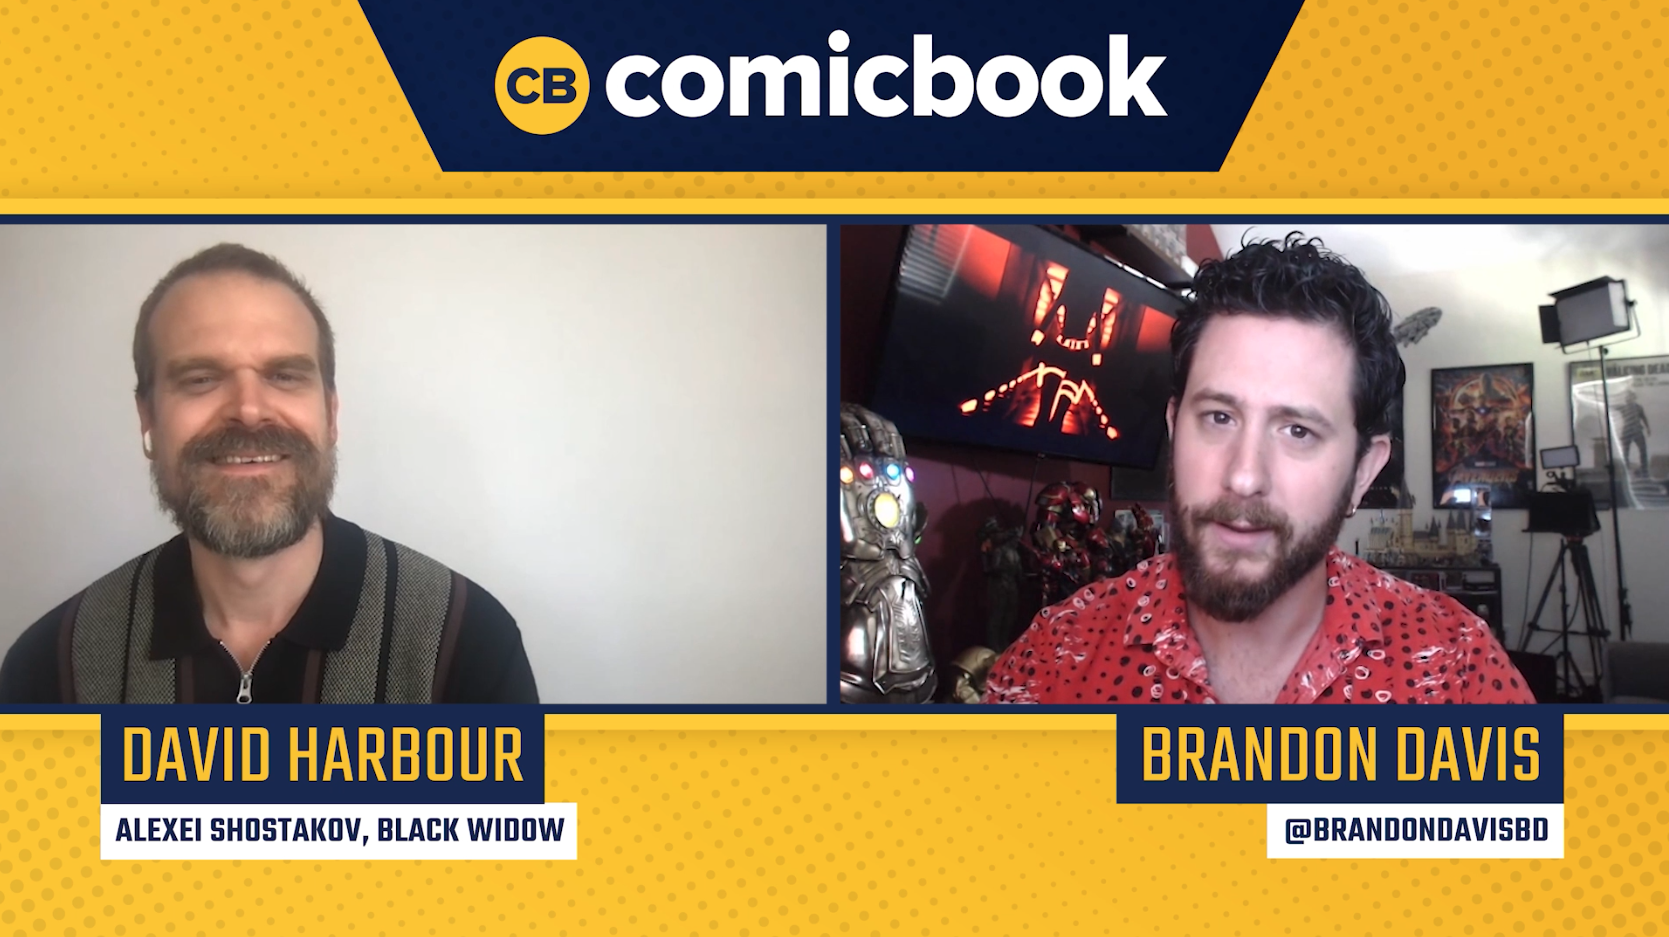 David Harbour Talks Black Widow - Exclusive Comicbook Interview